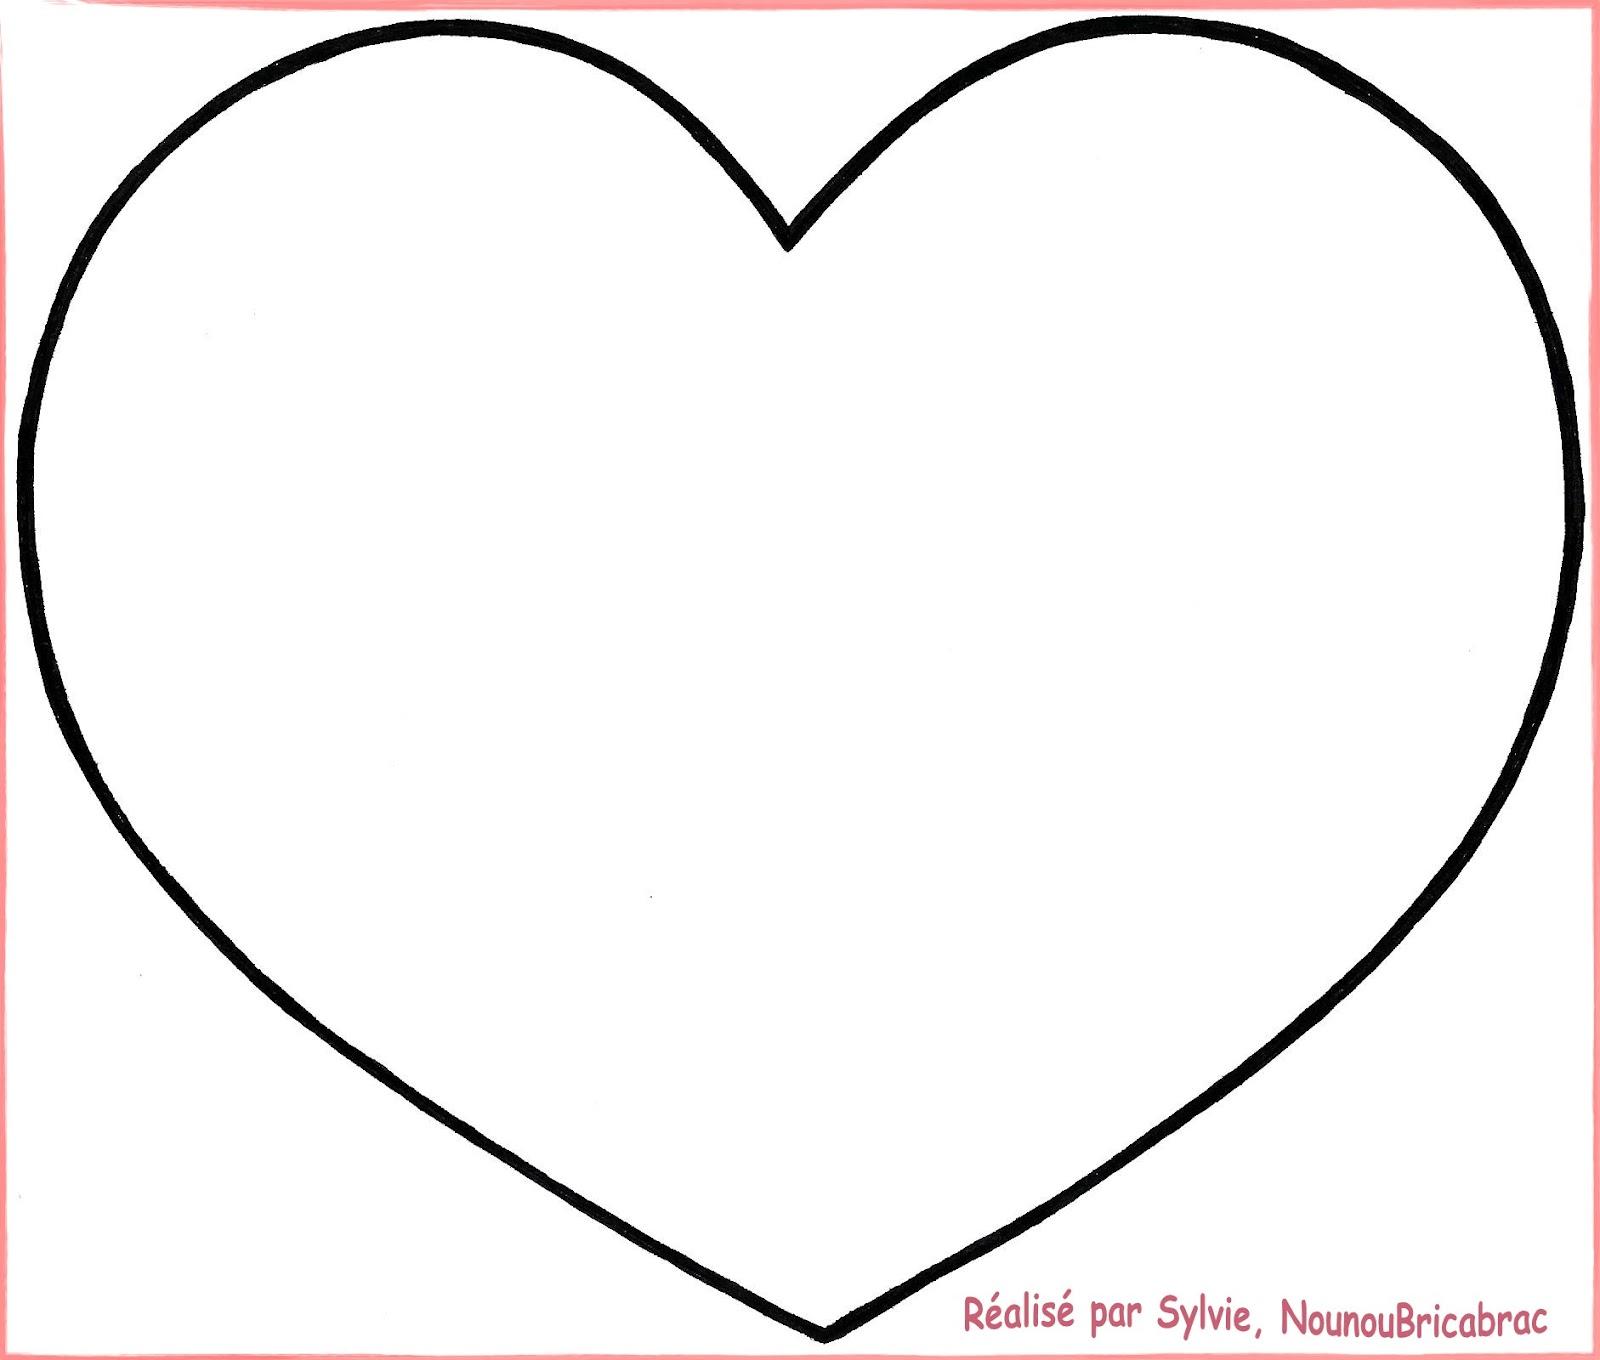 Coussin En Forme De Coeur - Mundu.fr dedans Coloriage Coeur À Imprimer Gratuit